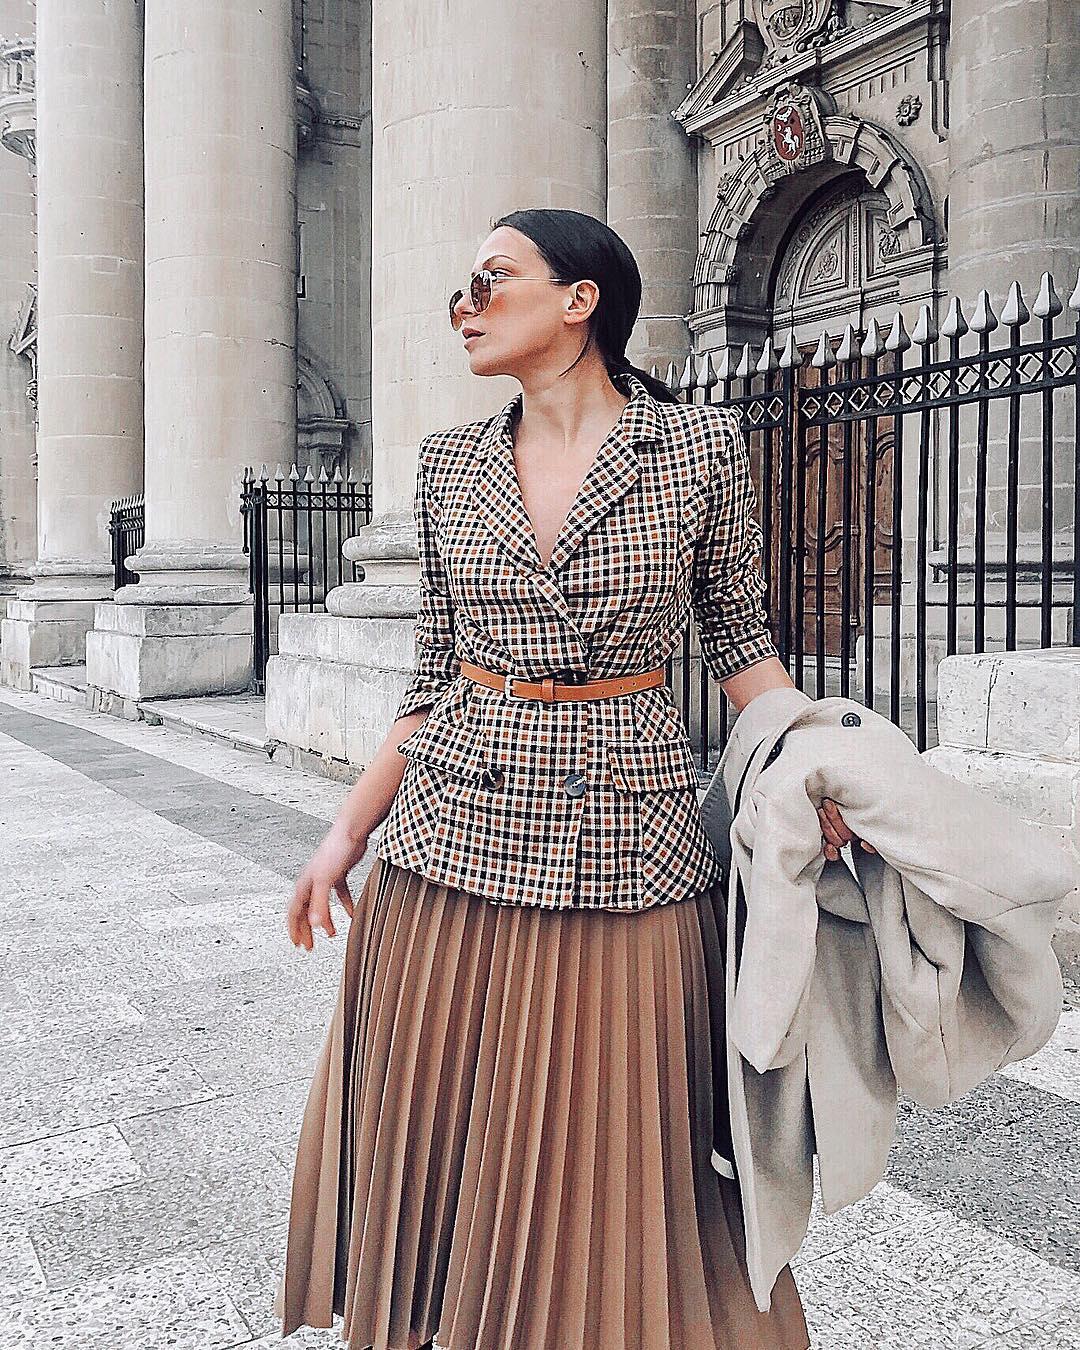 модные образы для деловых женщин осени 2019 фото 8